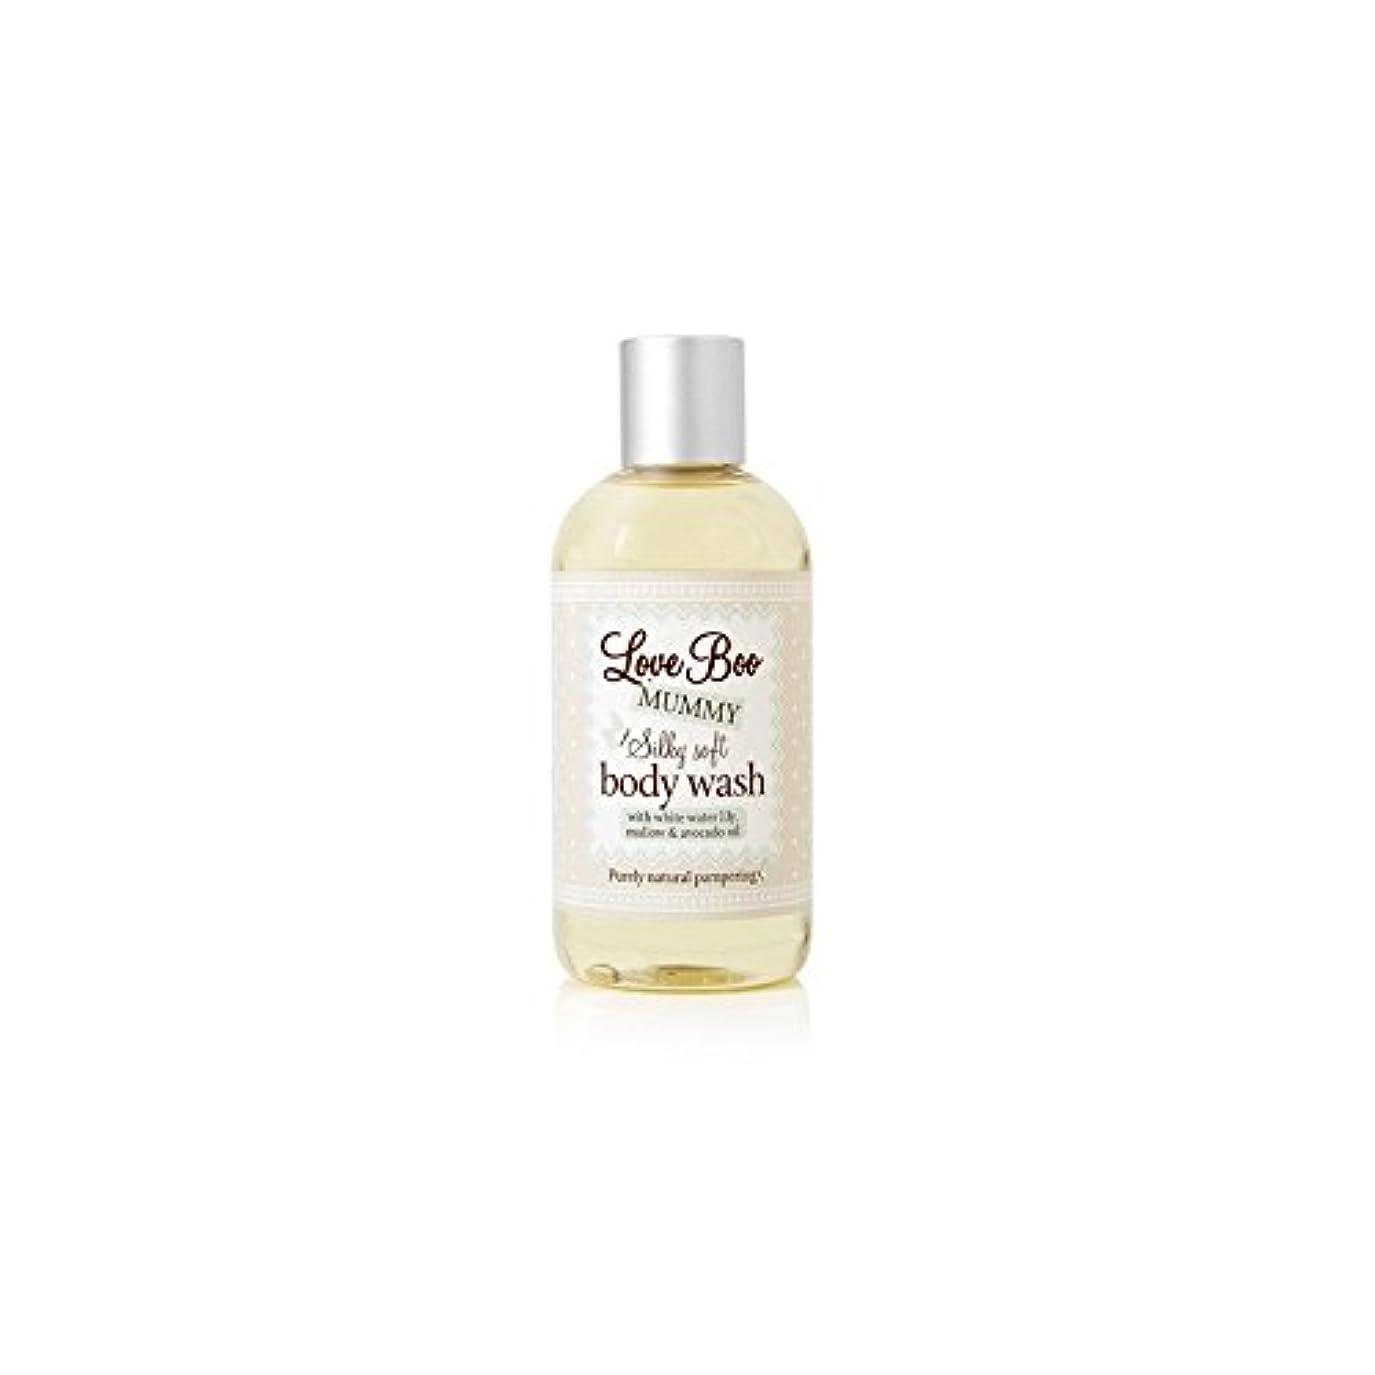 バタフライ口述申し立てるLove Boo Silky Soft Body Wash (250ml) - 絹のようなソフトボディウォッシュ(250ミリリットル)愛 [並行輸入品]